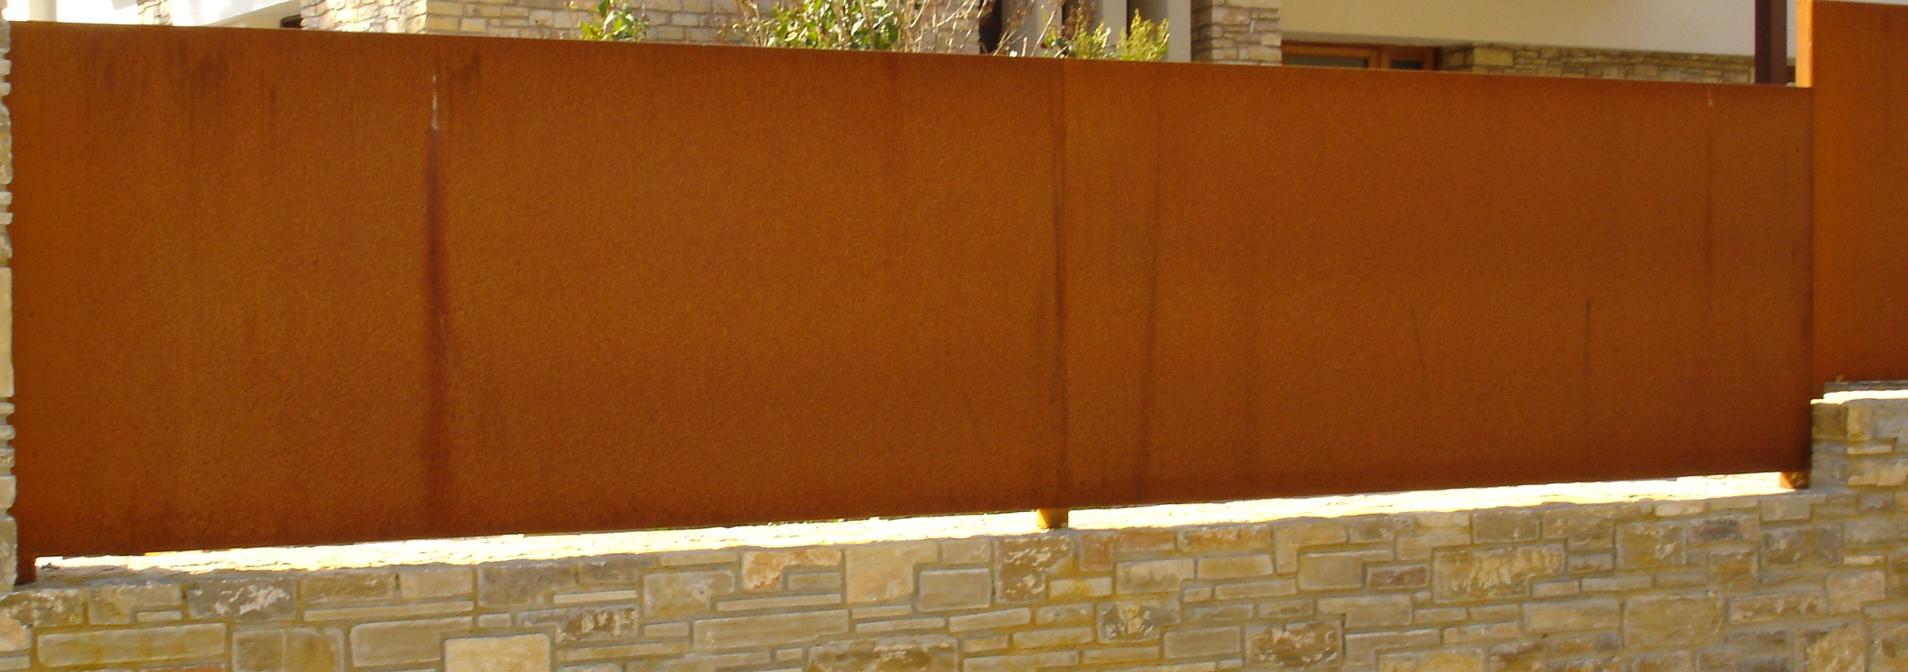 Grupo inoxmetal construcciones met lica for Acero corten perforado oxidado